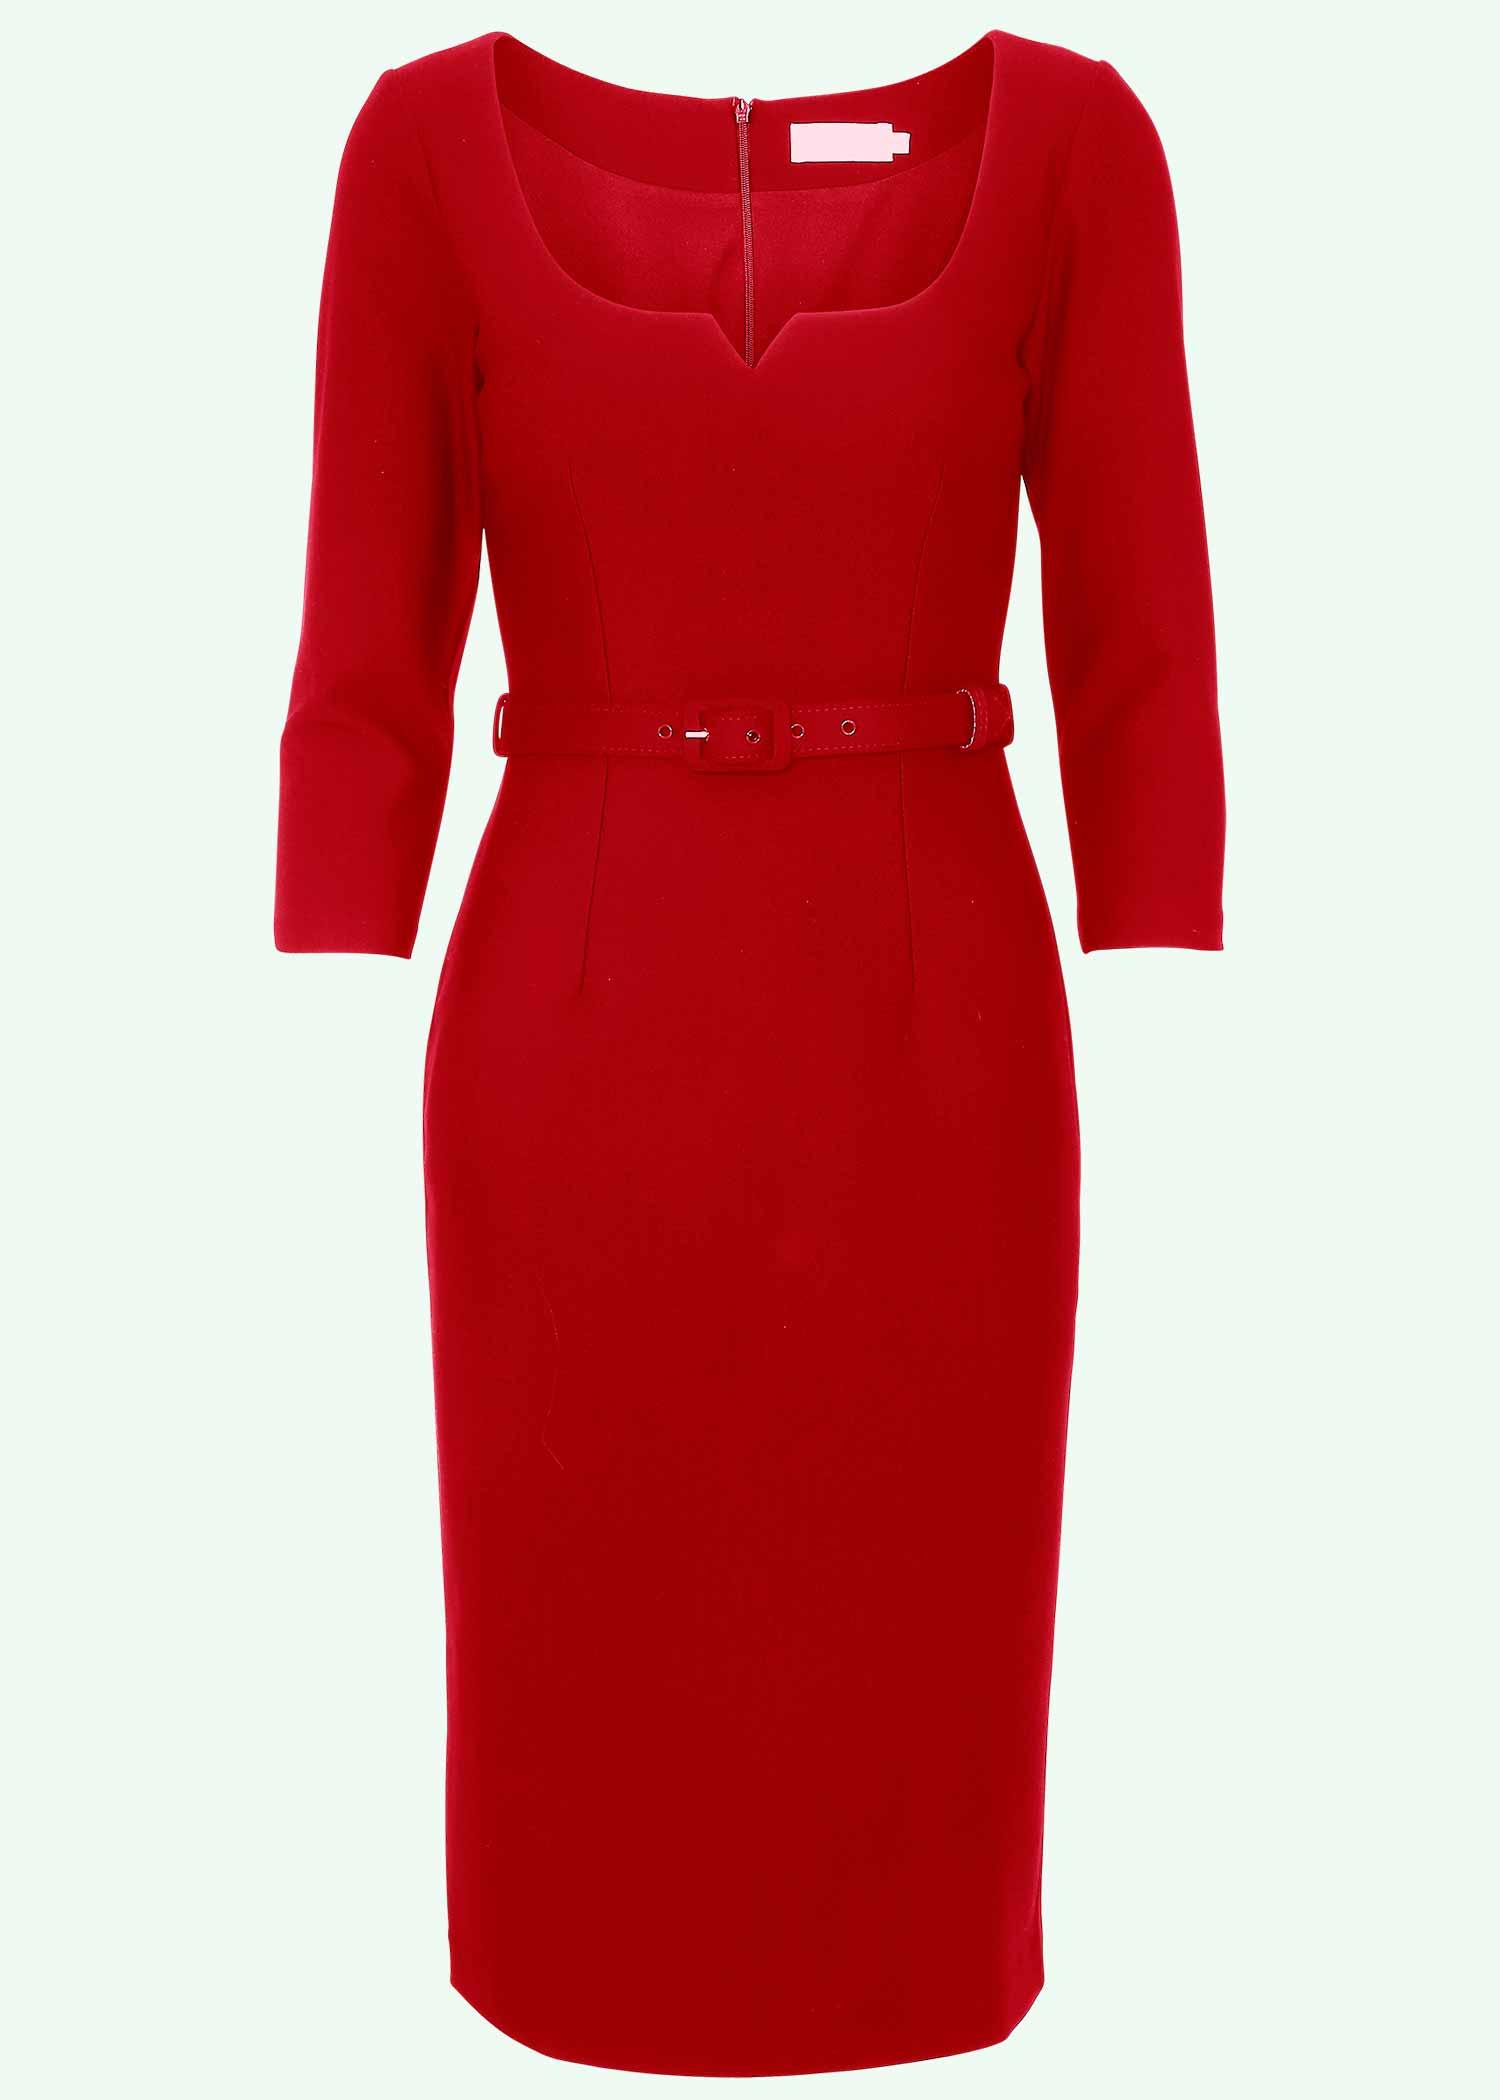 Caroline dress in red from Zoe Vine